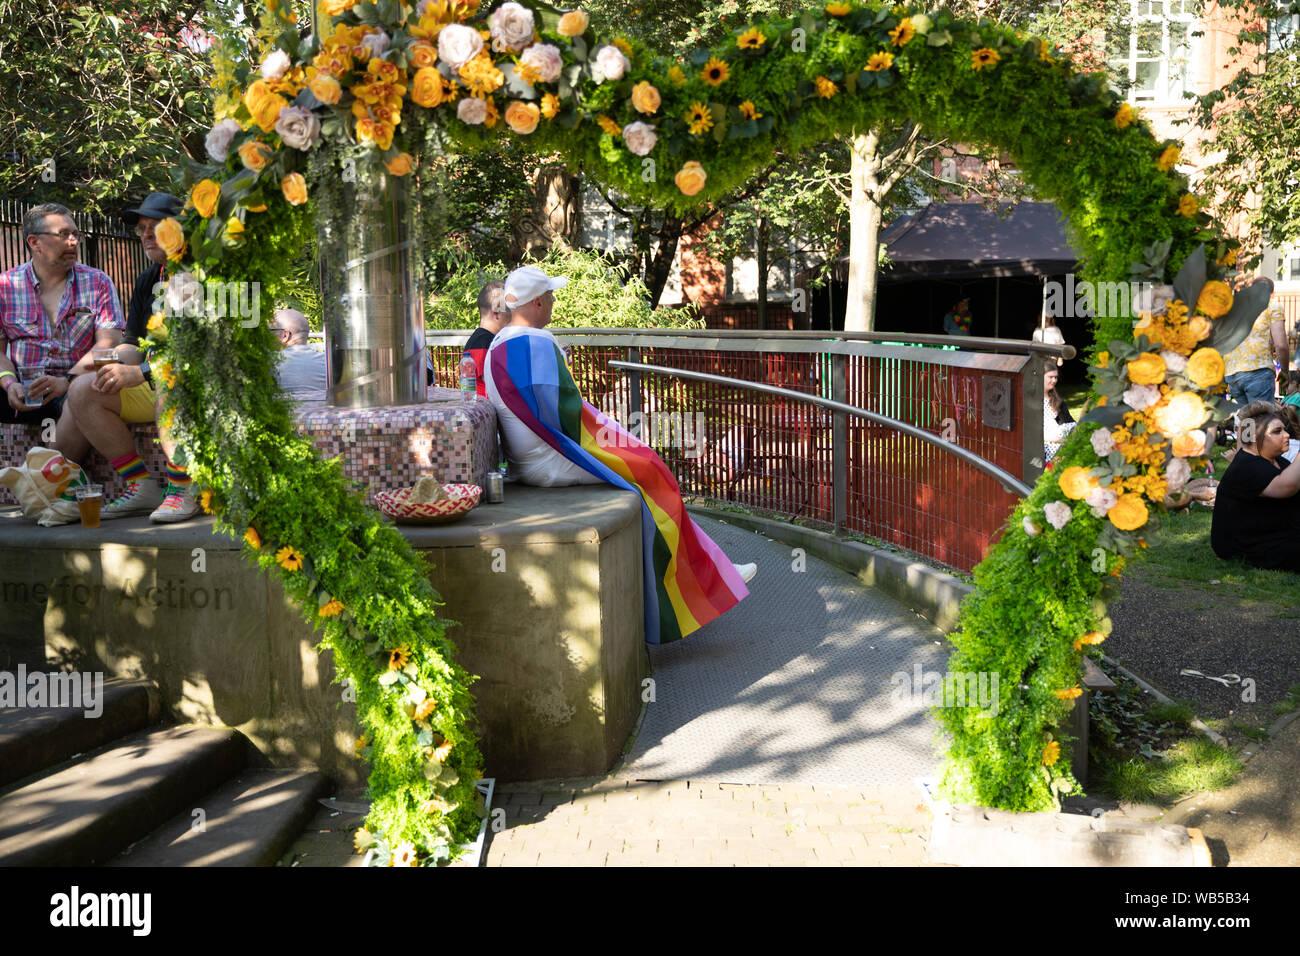 Manchester, Reino Unido, 24 de agosto de 2019. Una persona que atiende el orgullo de Manchester. Orgullo de Manchester está organizada para celebrar una gran variedad de sexualidades. Crédito: Jonathan Nicholson/Alamy Live News. Foto de stock